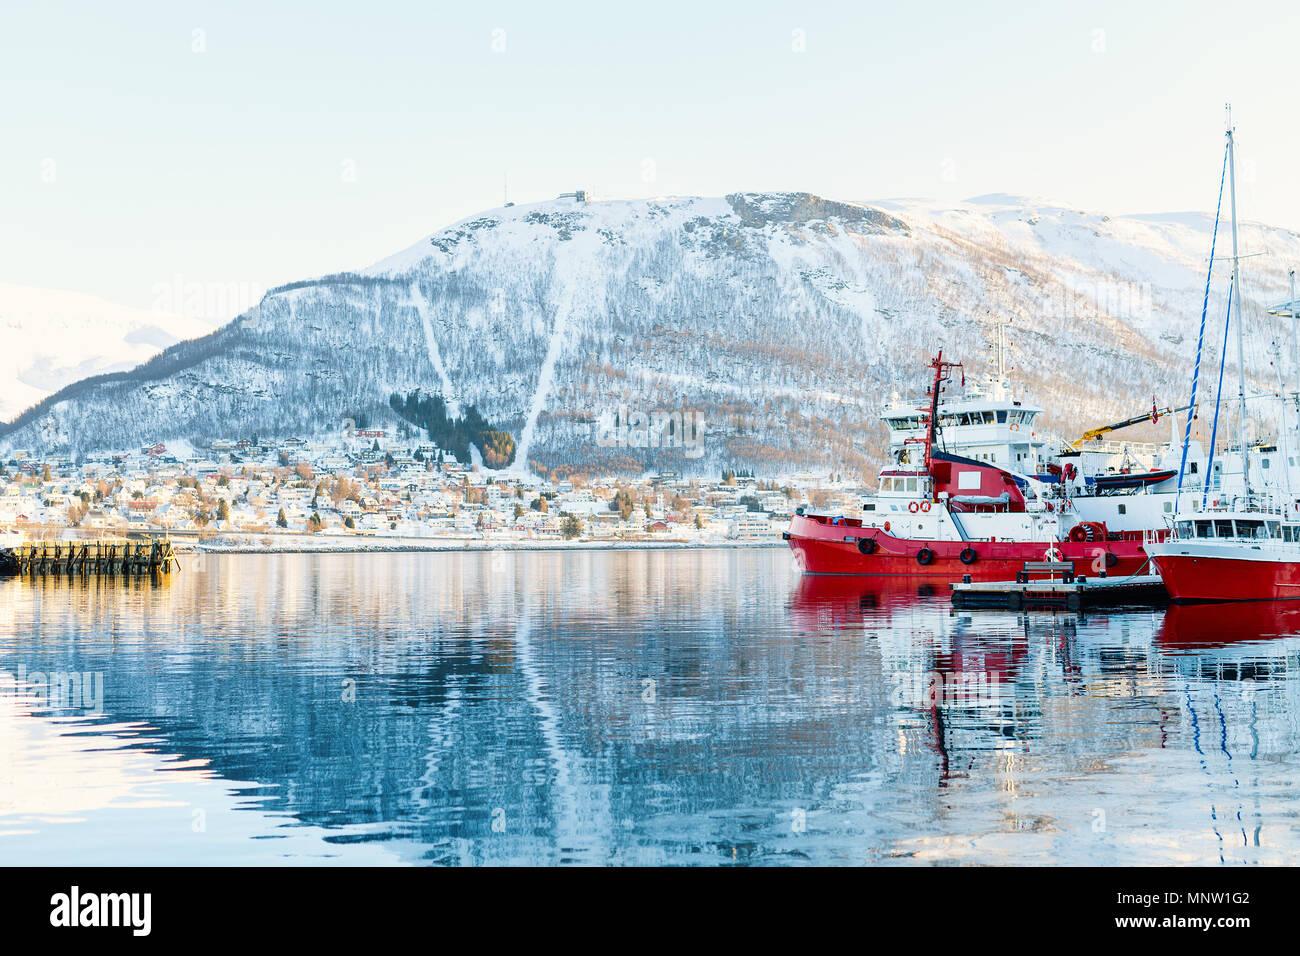 Magnifique paysage hivernal de la ville de Tromso couvertes de neige dans le Nord de la Norvège Photo Stock